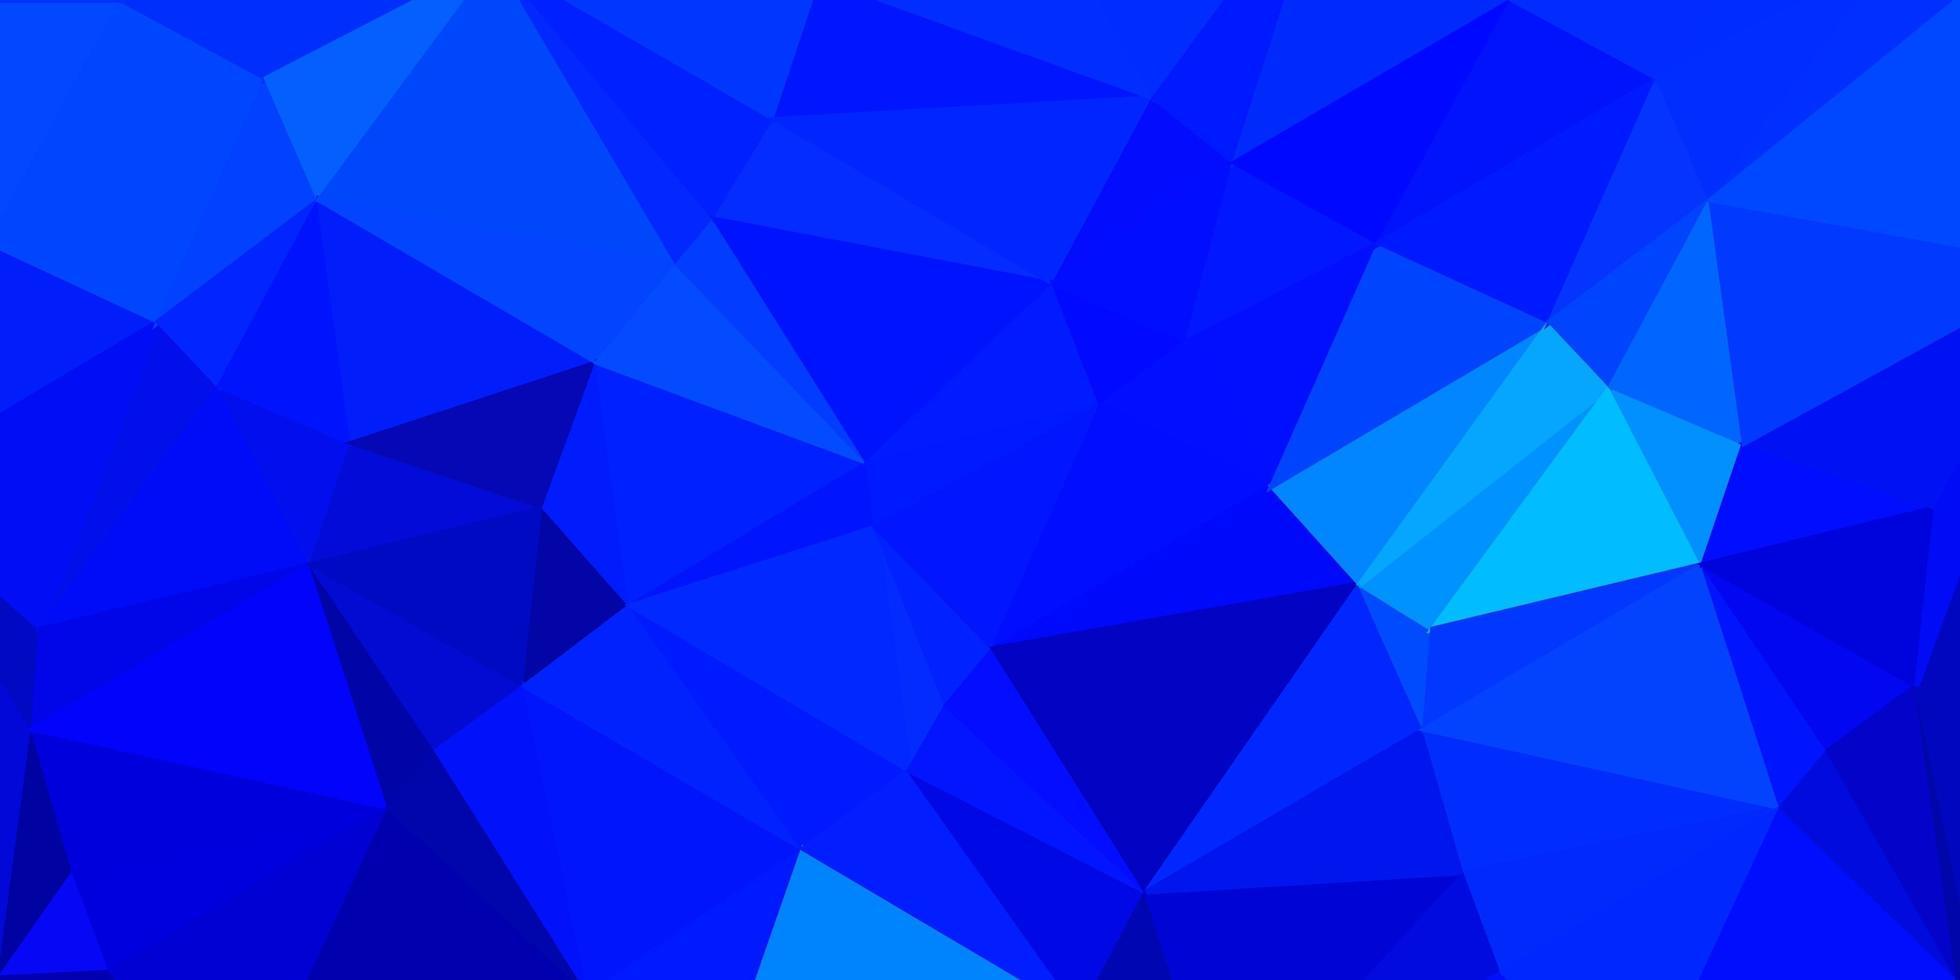 hellblaue Vektor-Gradienten-Polygon-Textur. vektor